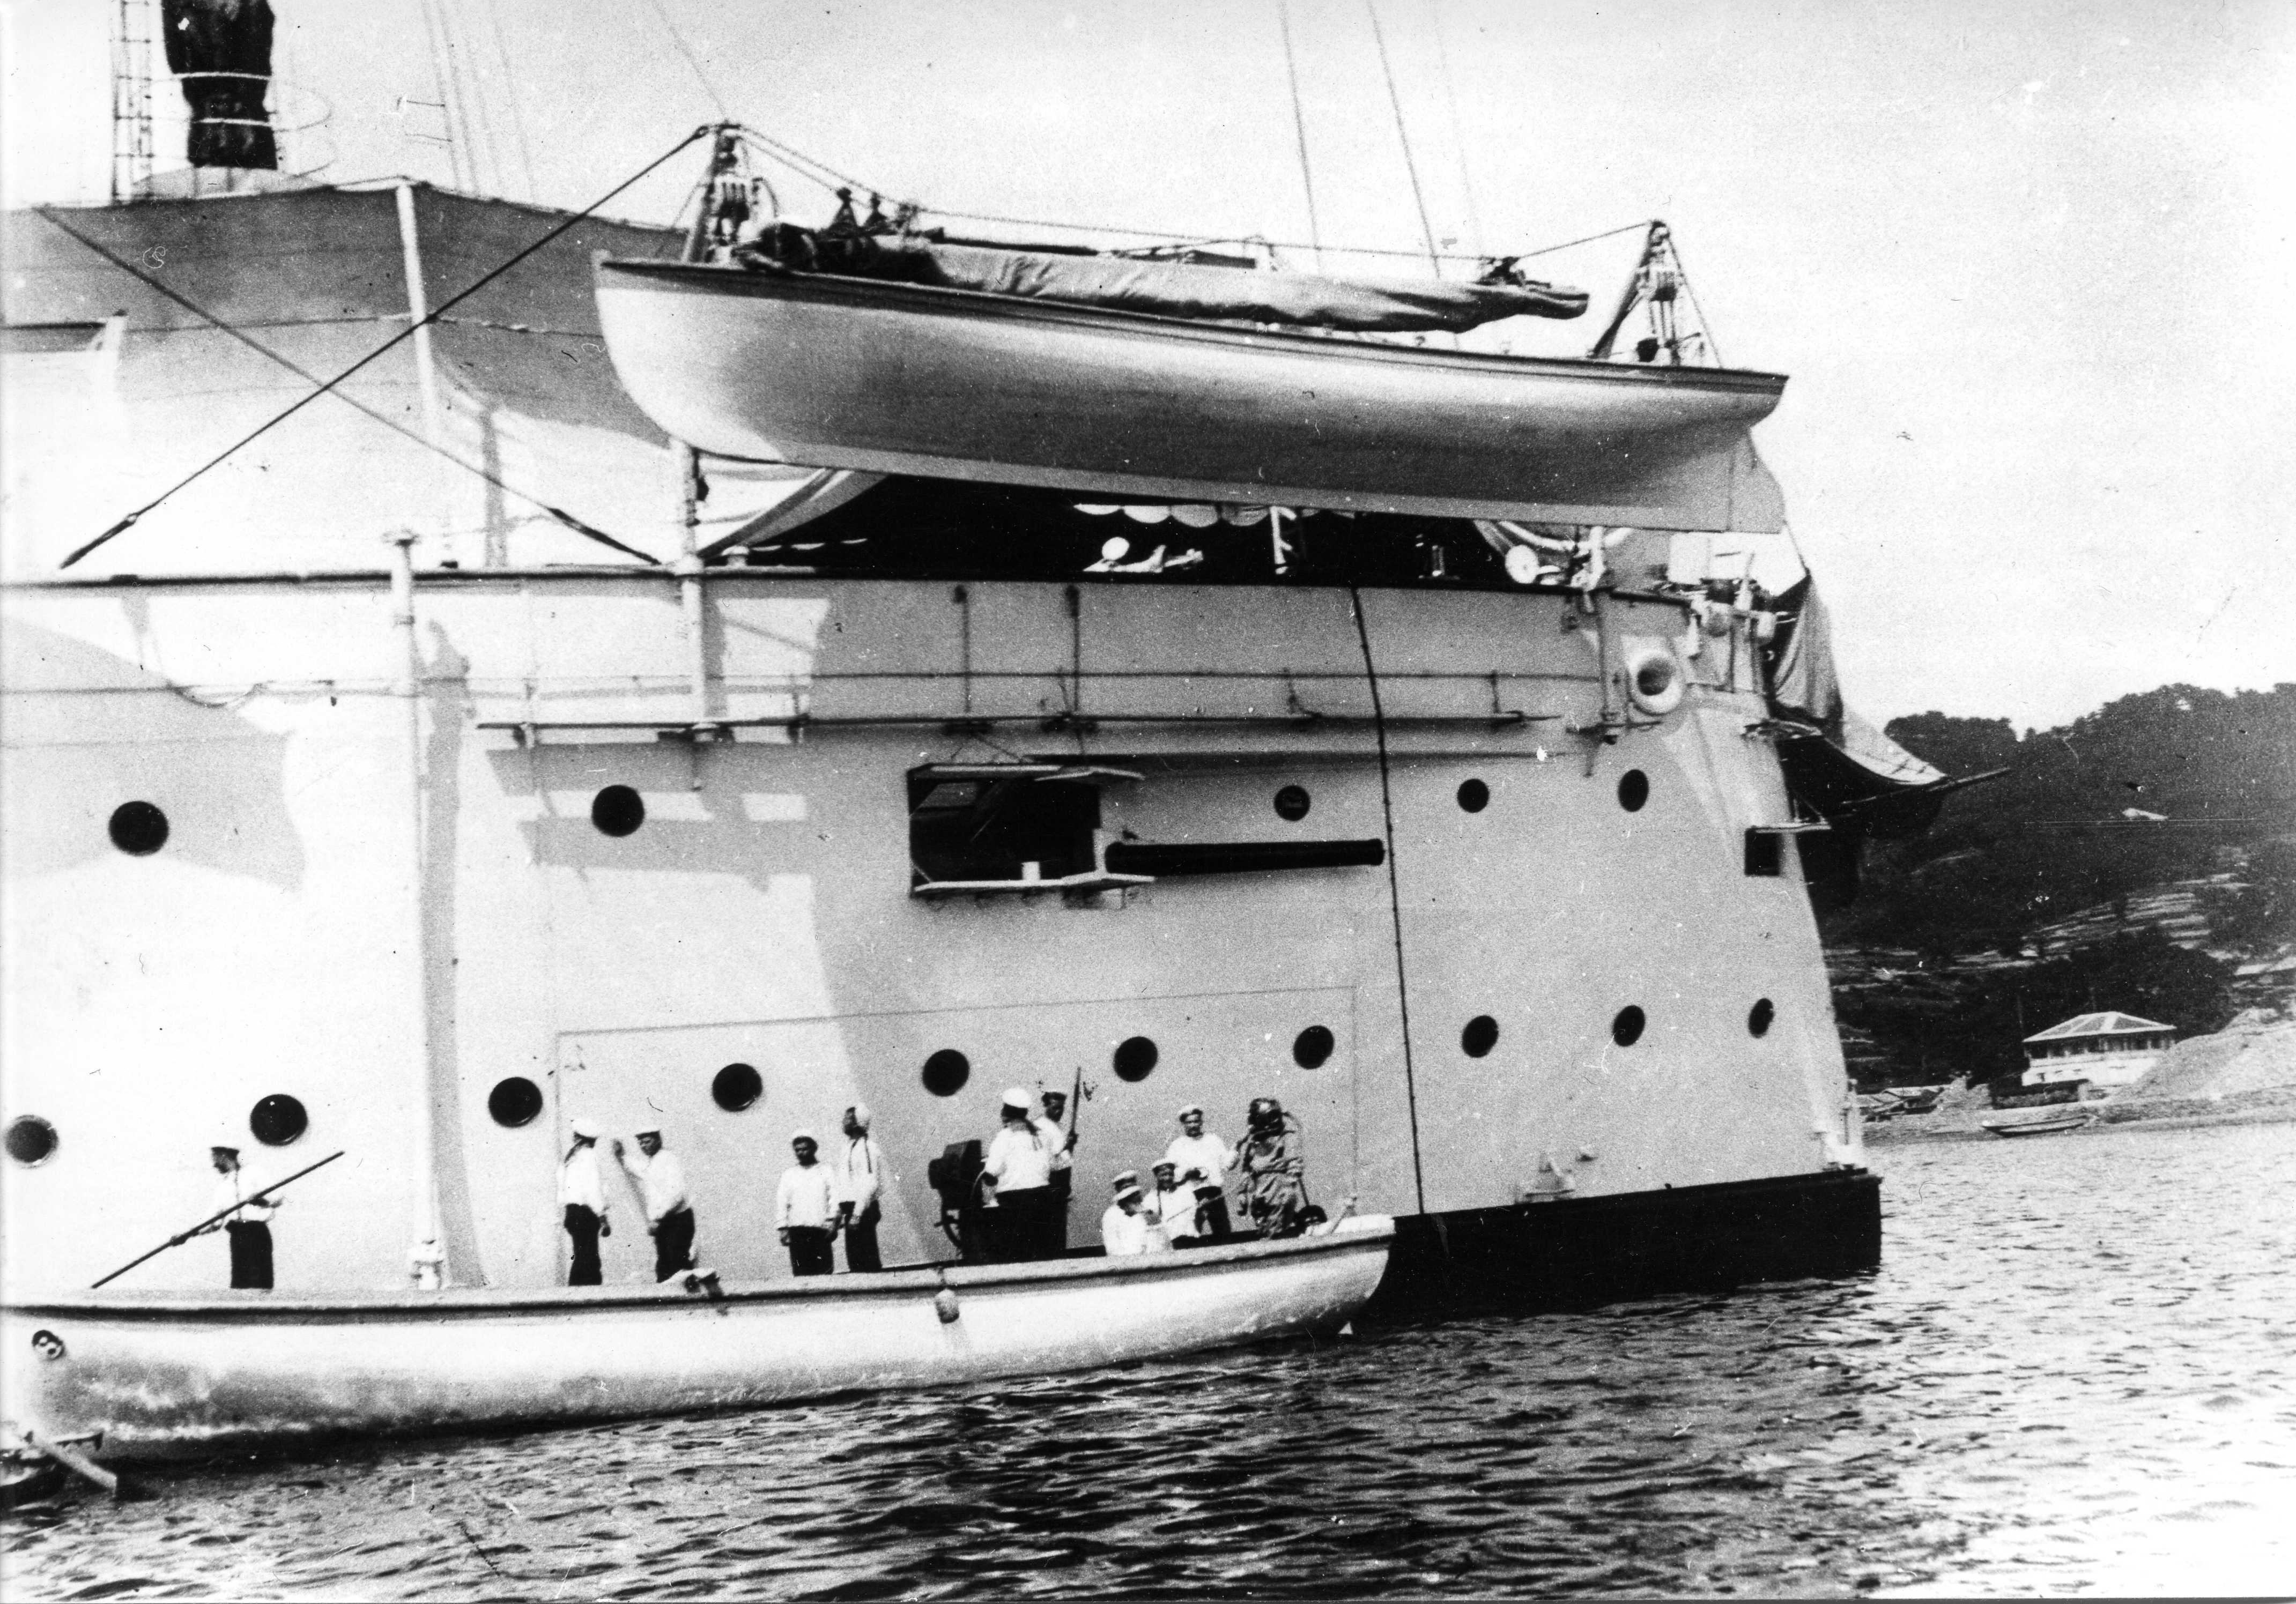 против, ведь крейсер рюрик фото венгрии, большой выбор